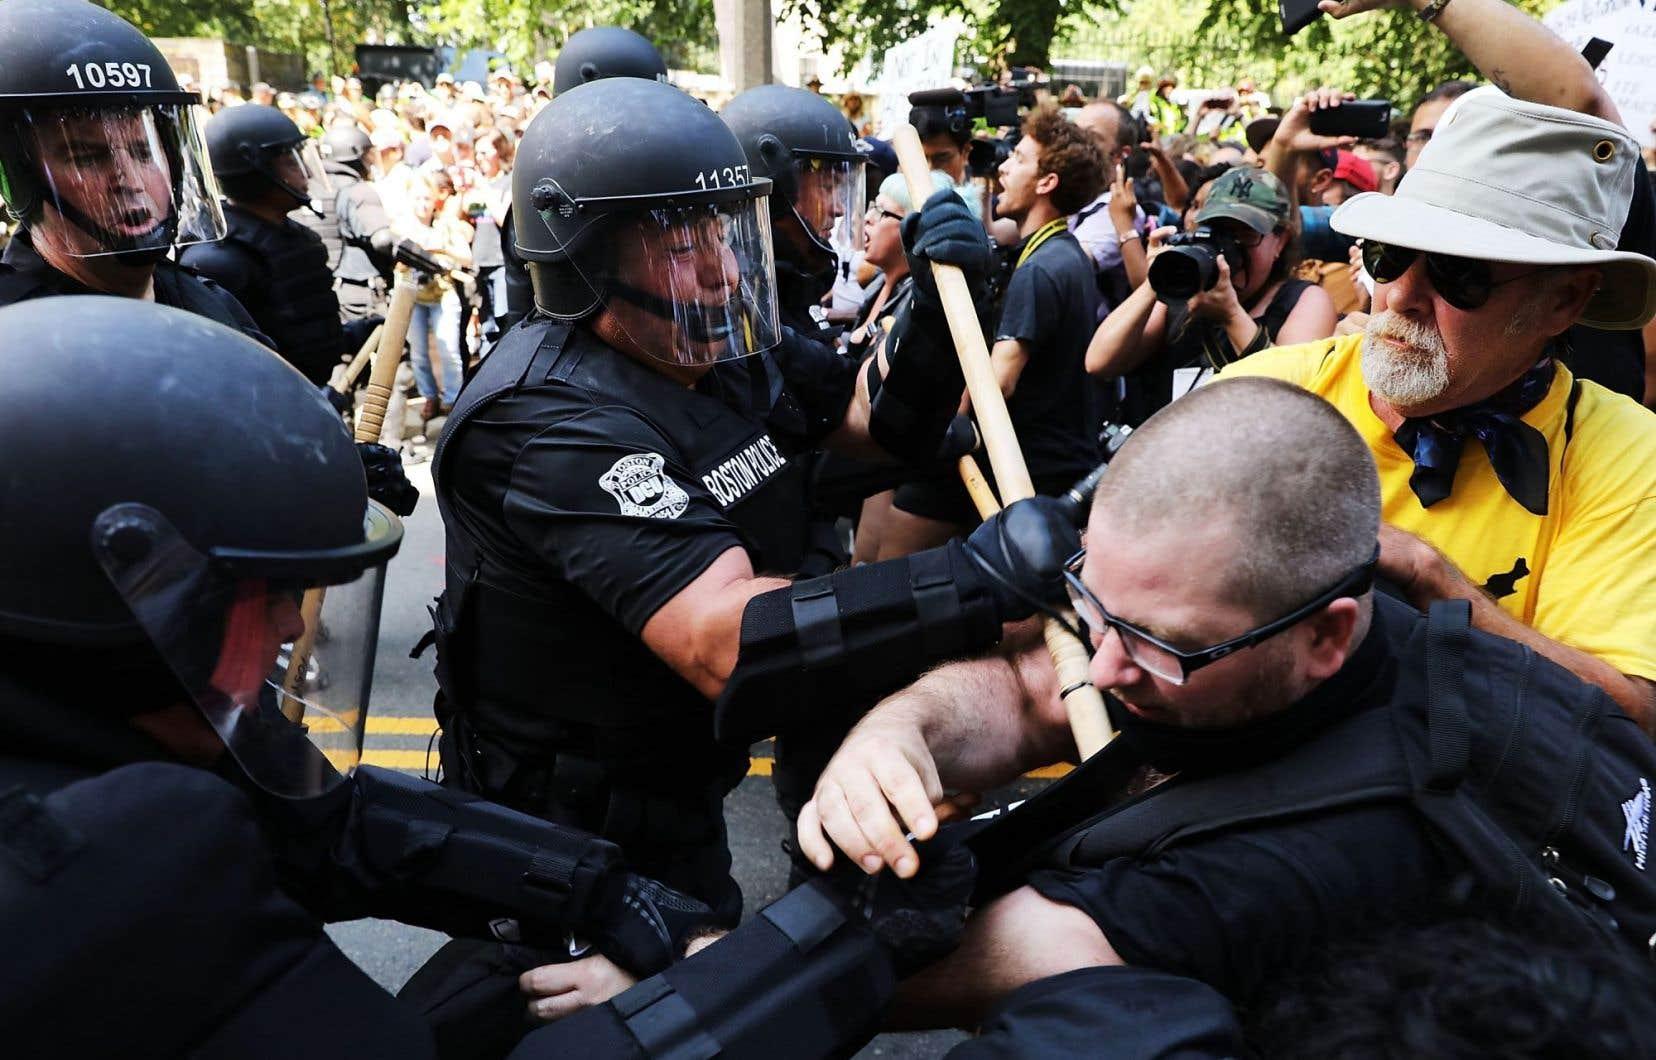 Les manifestants anti-racisme font face à la police antiémeute escortant des militants conservateurs, samedi après-midi, à Boston.